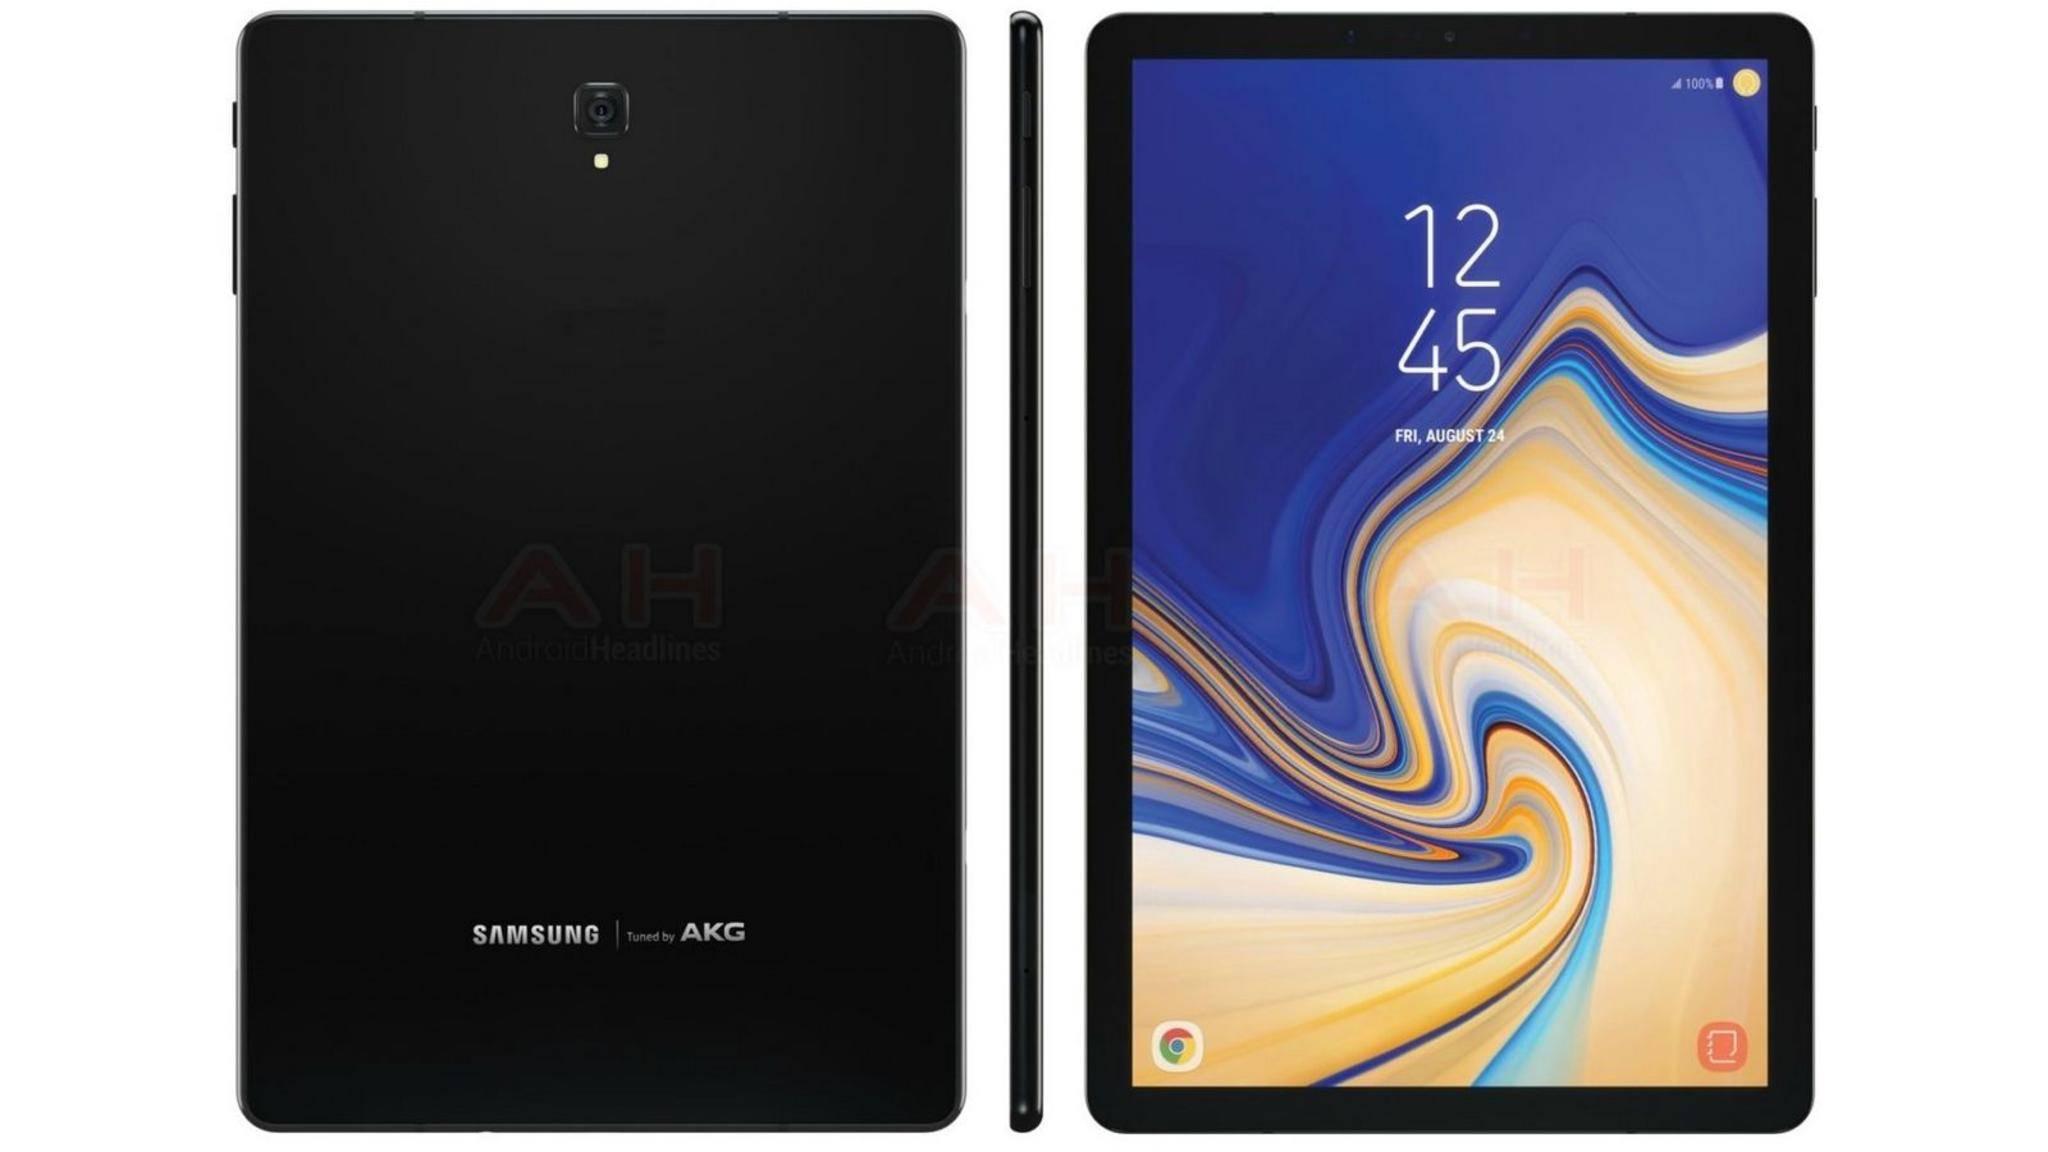 So soll das Samsung Galaxy Tab S4 aussehen.